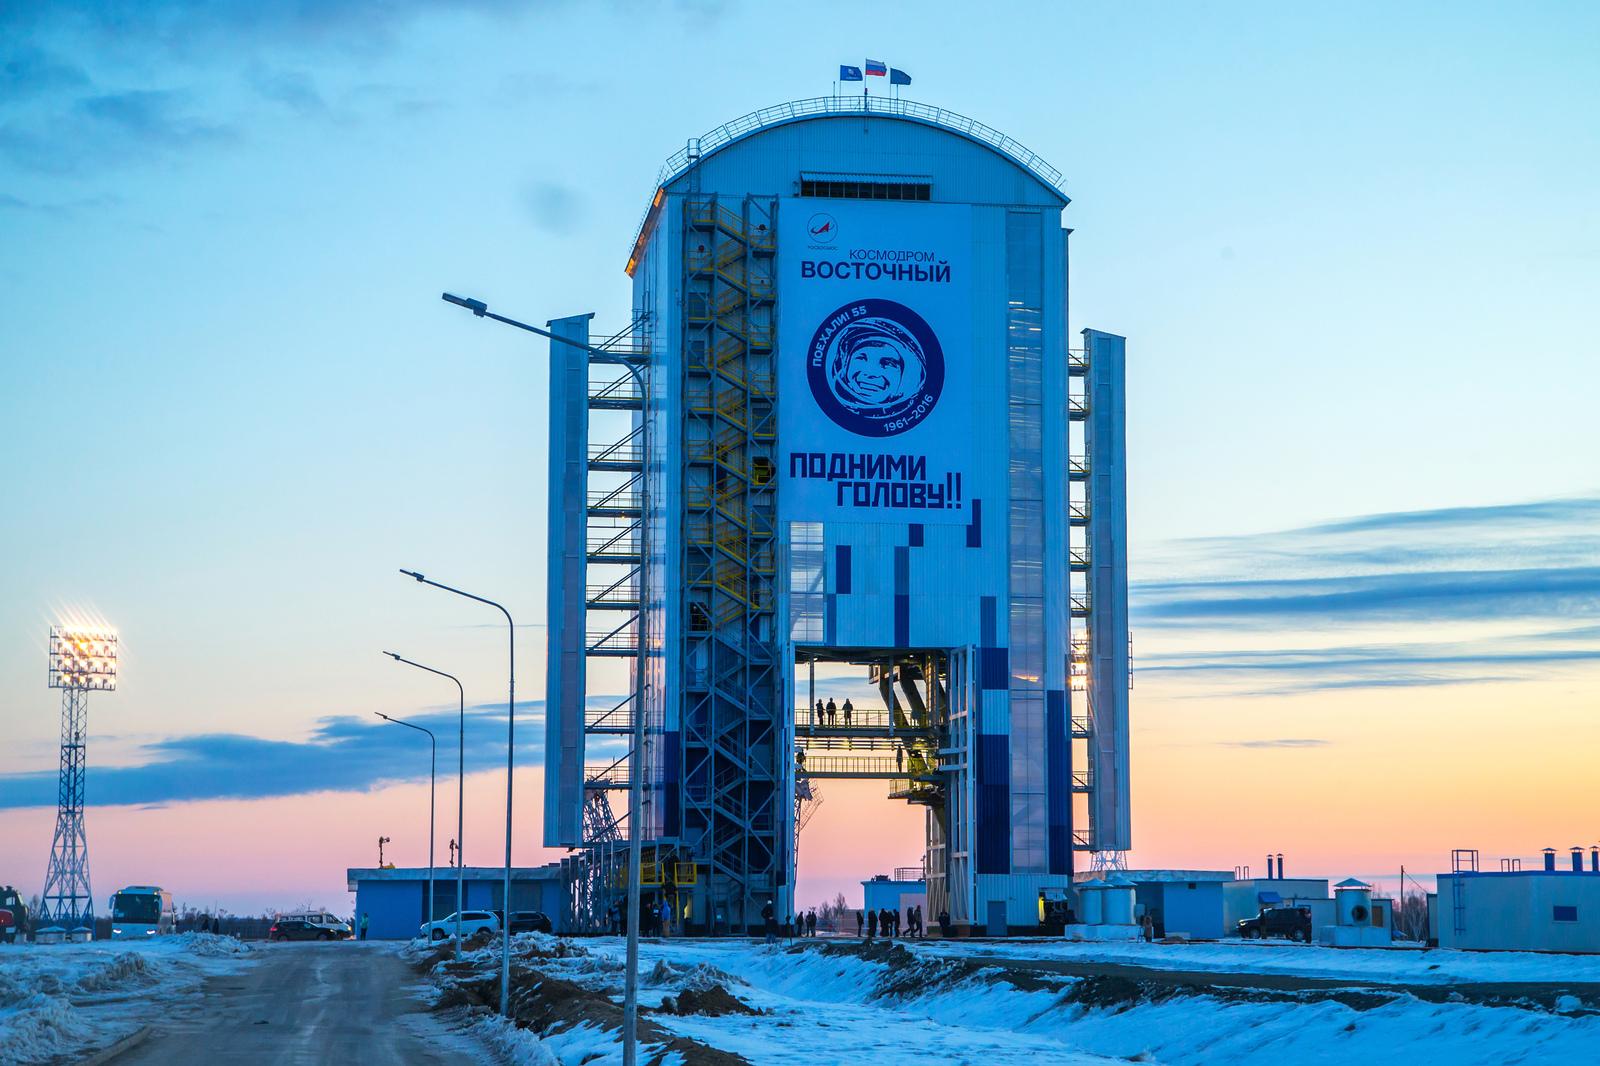 Работа отделочник на космодроме восточный